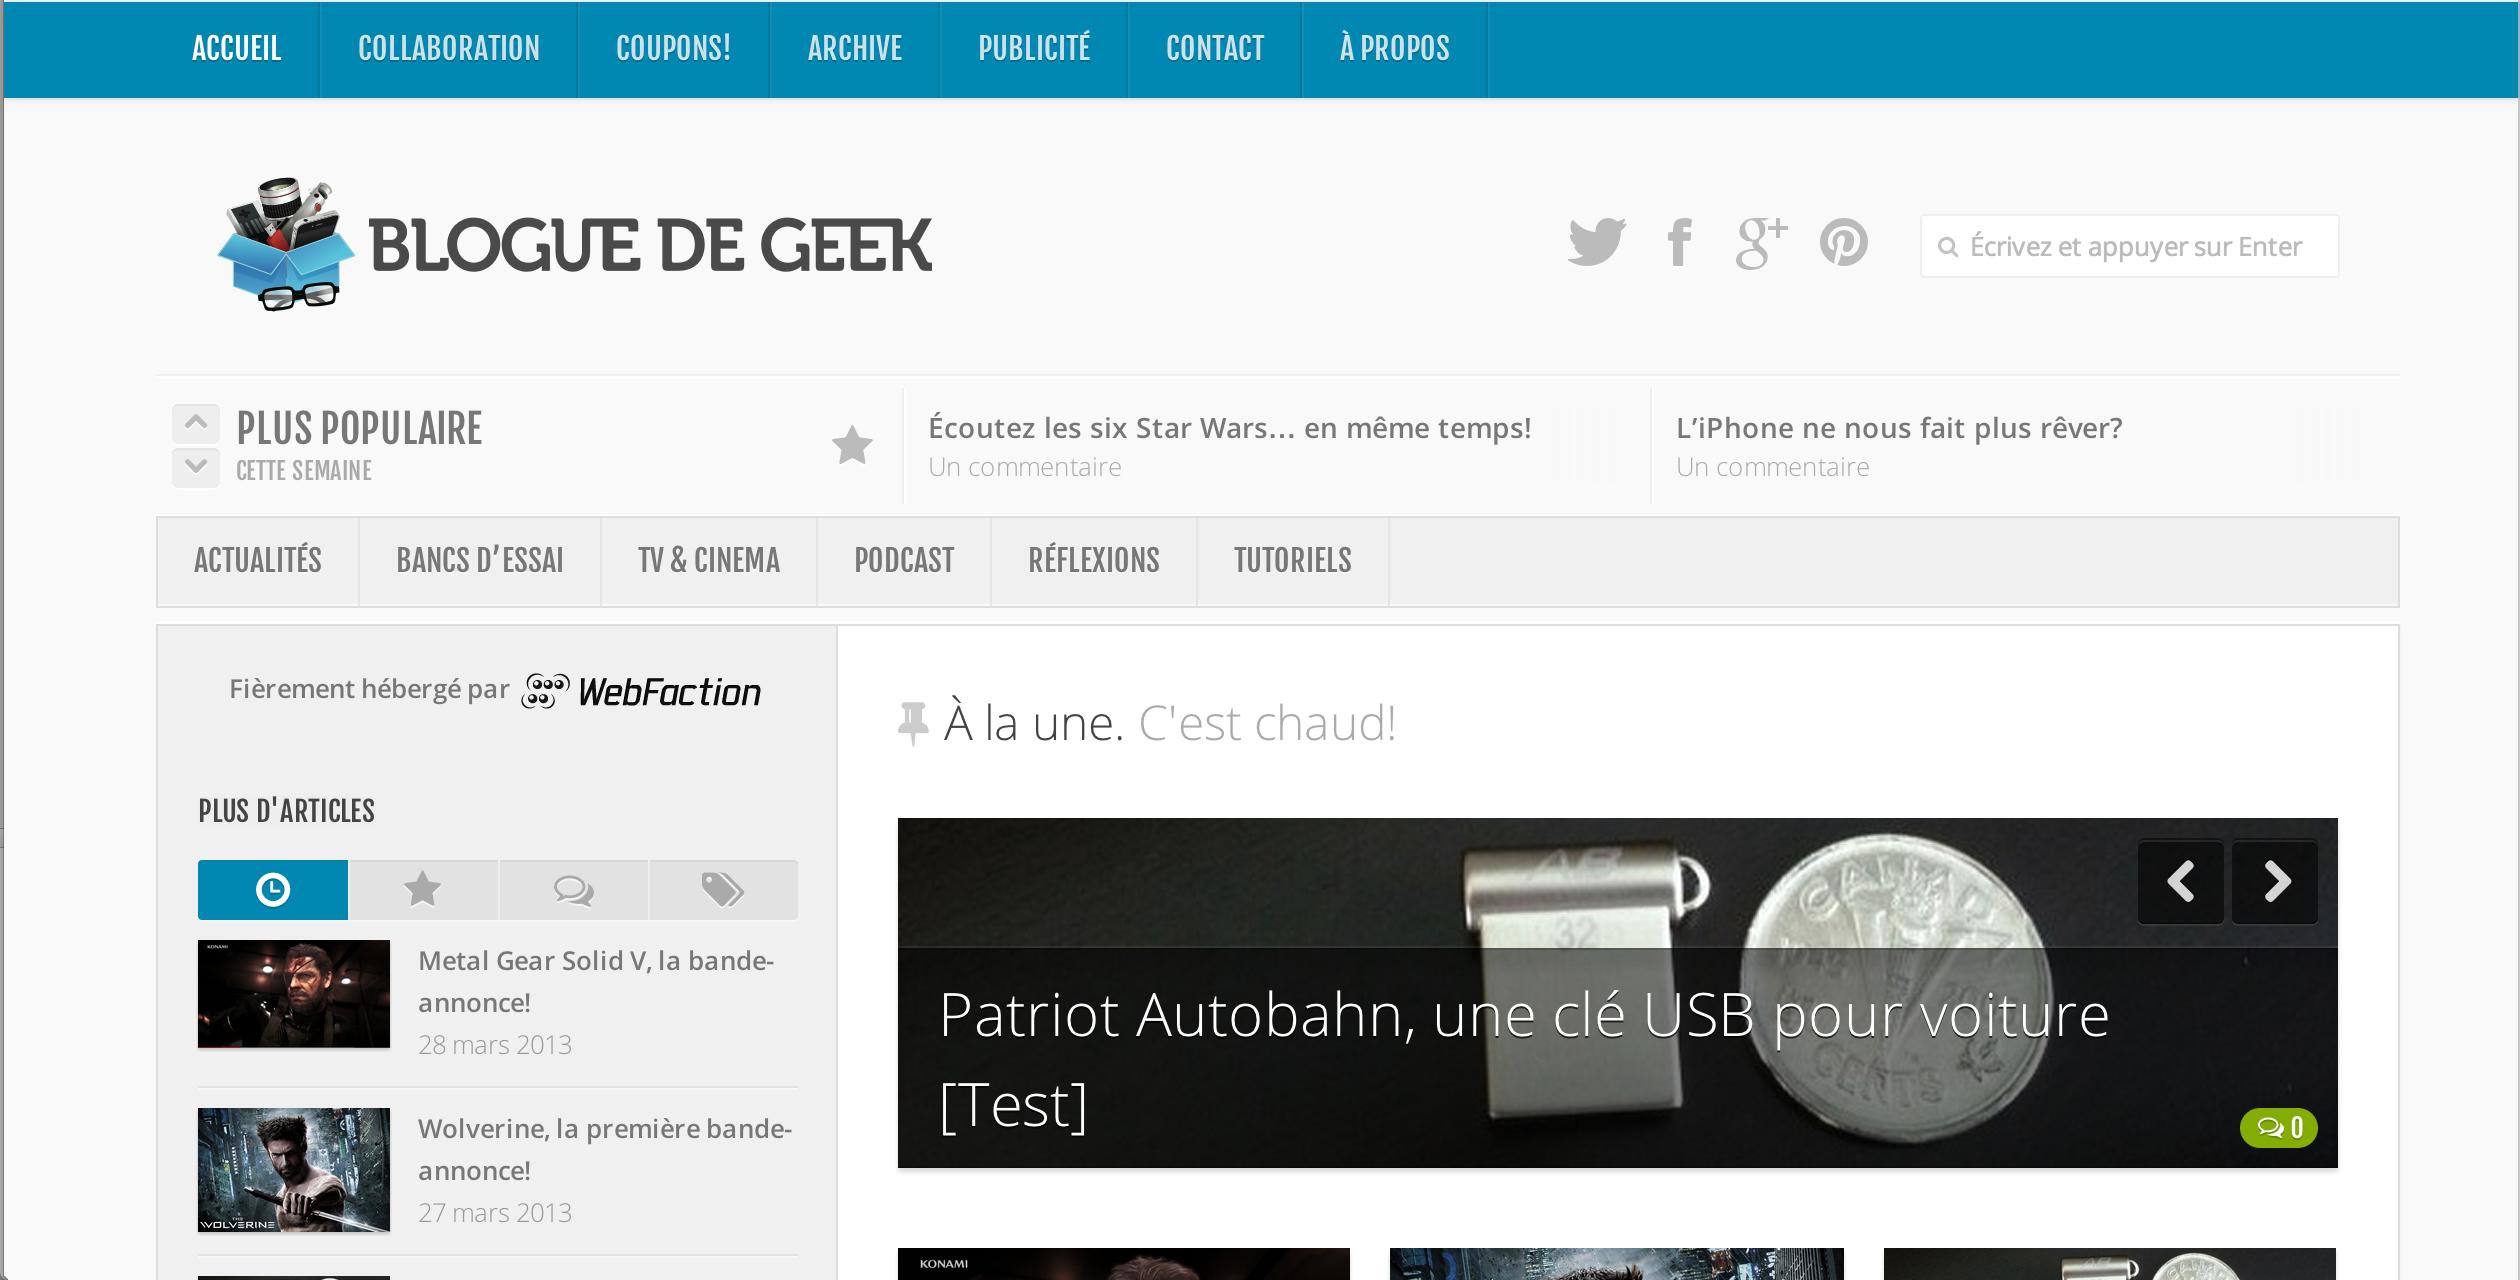 blogue de geek v3 screenshot - Le Blogue de Geek v.3.0 est en-ligne!